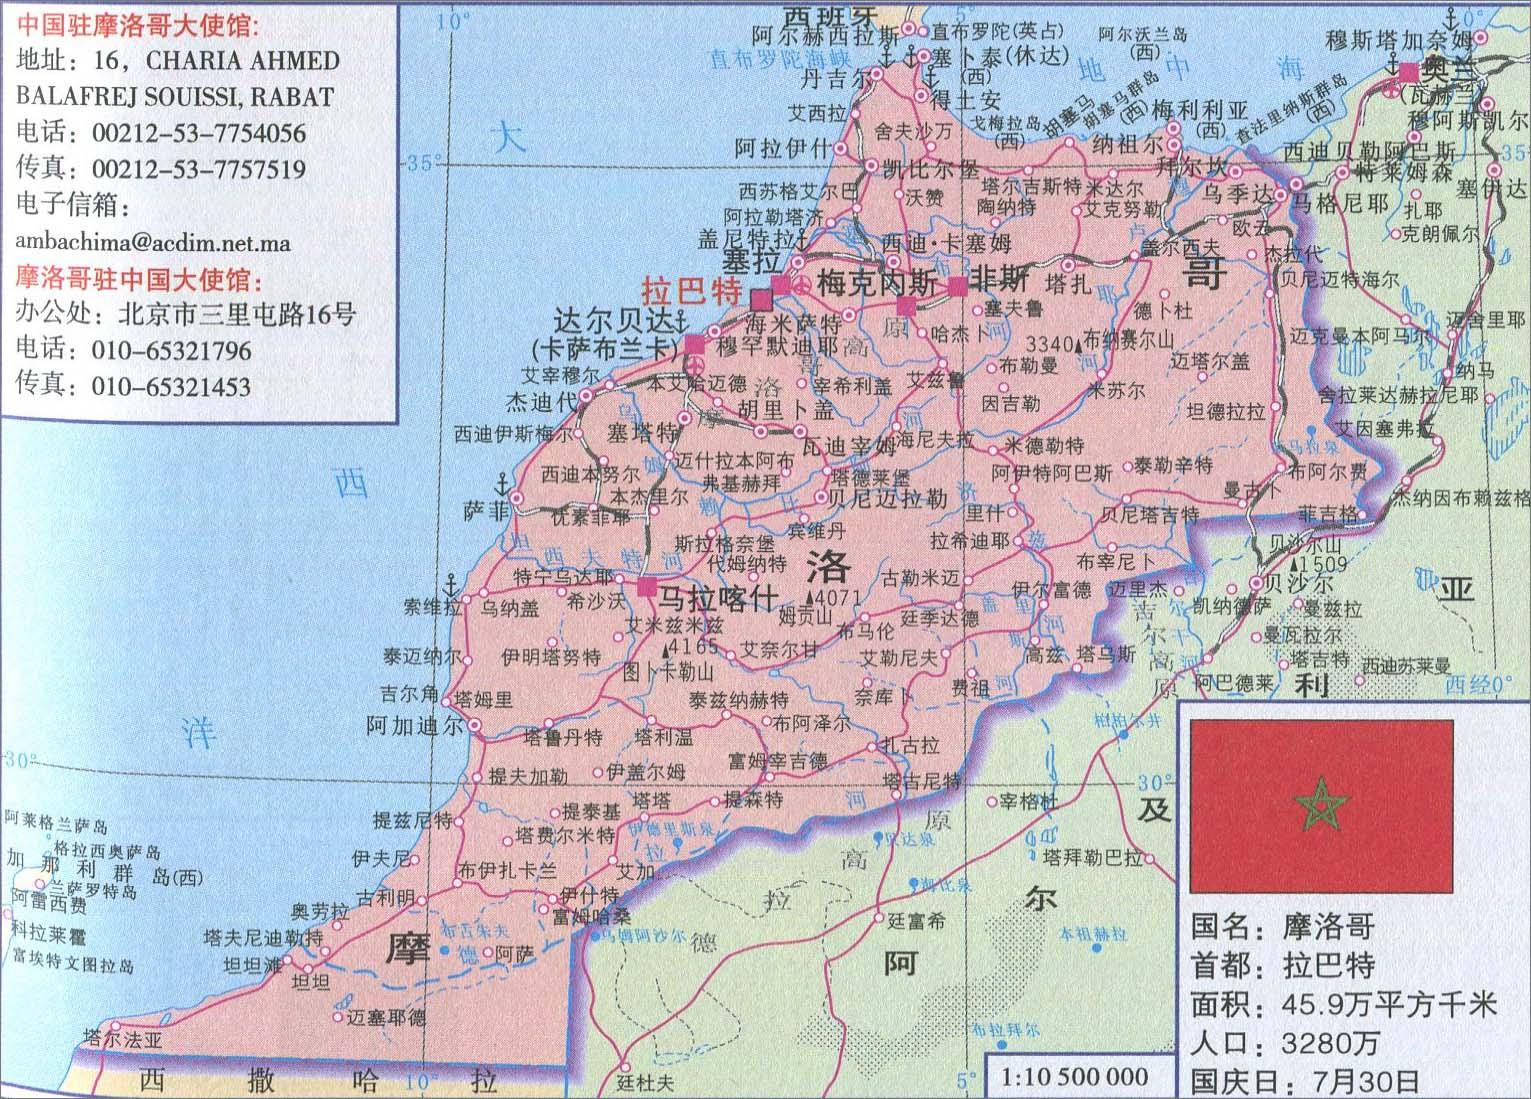 博茨瓦纳地图_摩洛哥旅游地图_摩洛哥地图库_地图窝